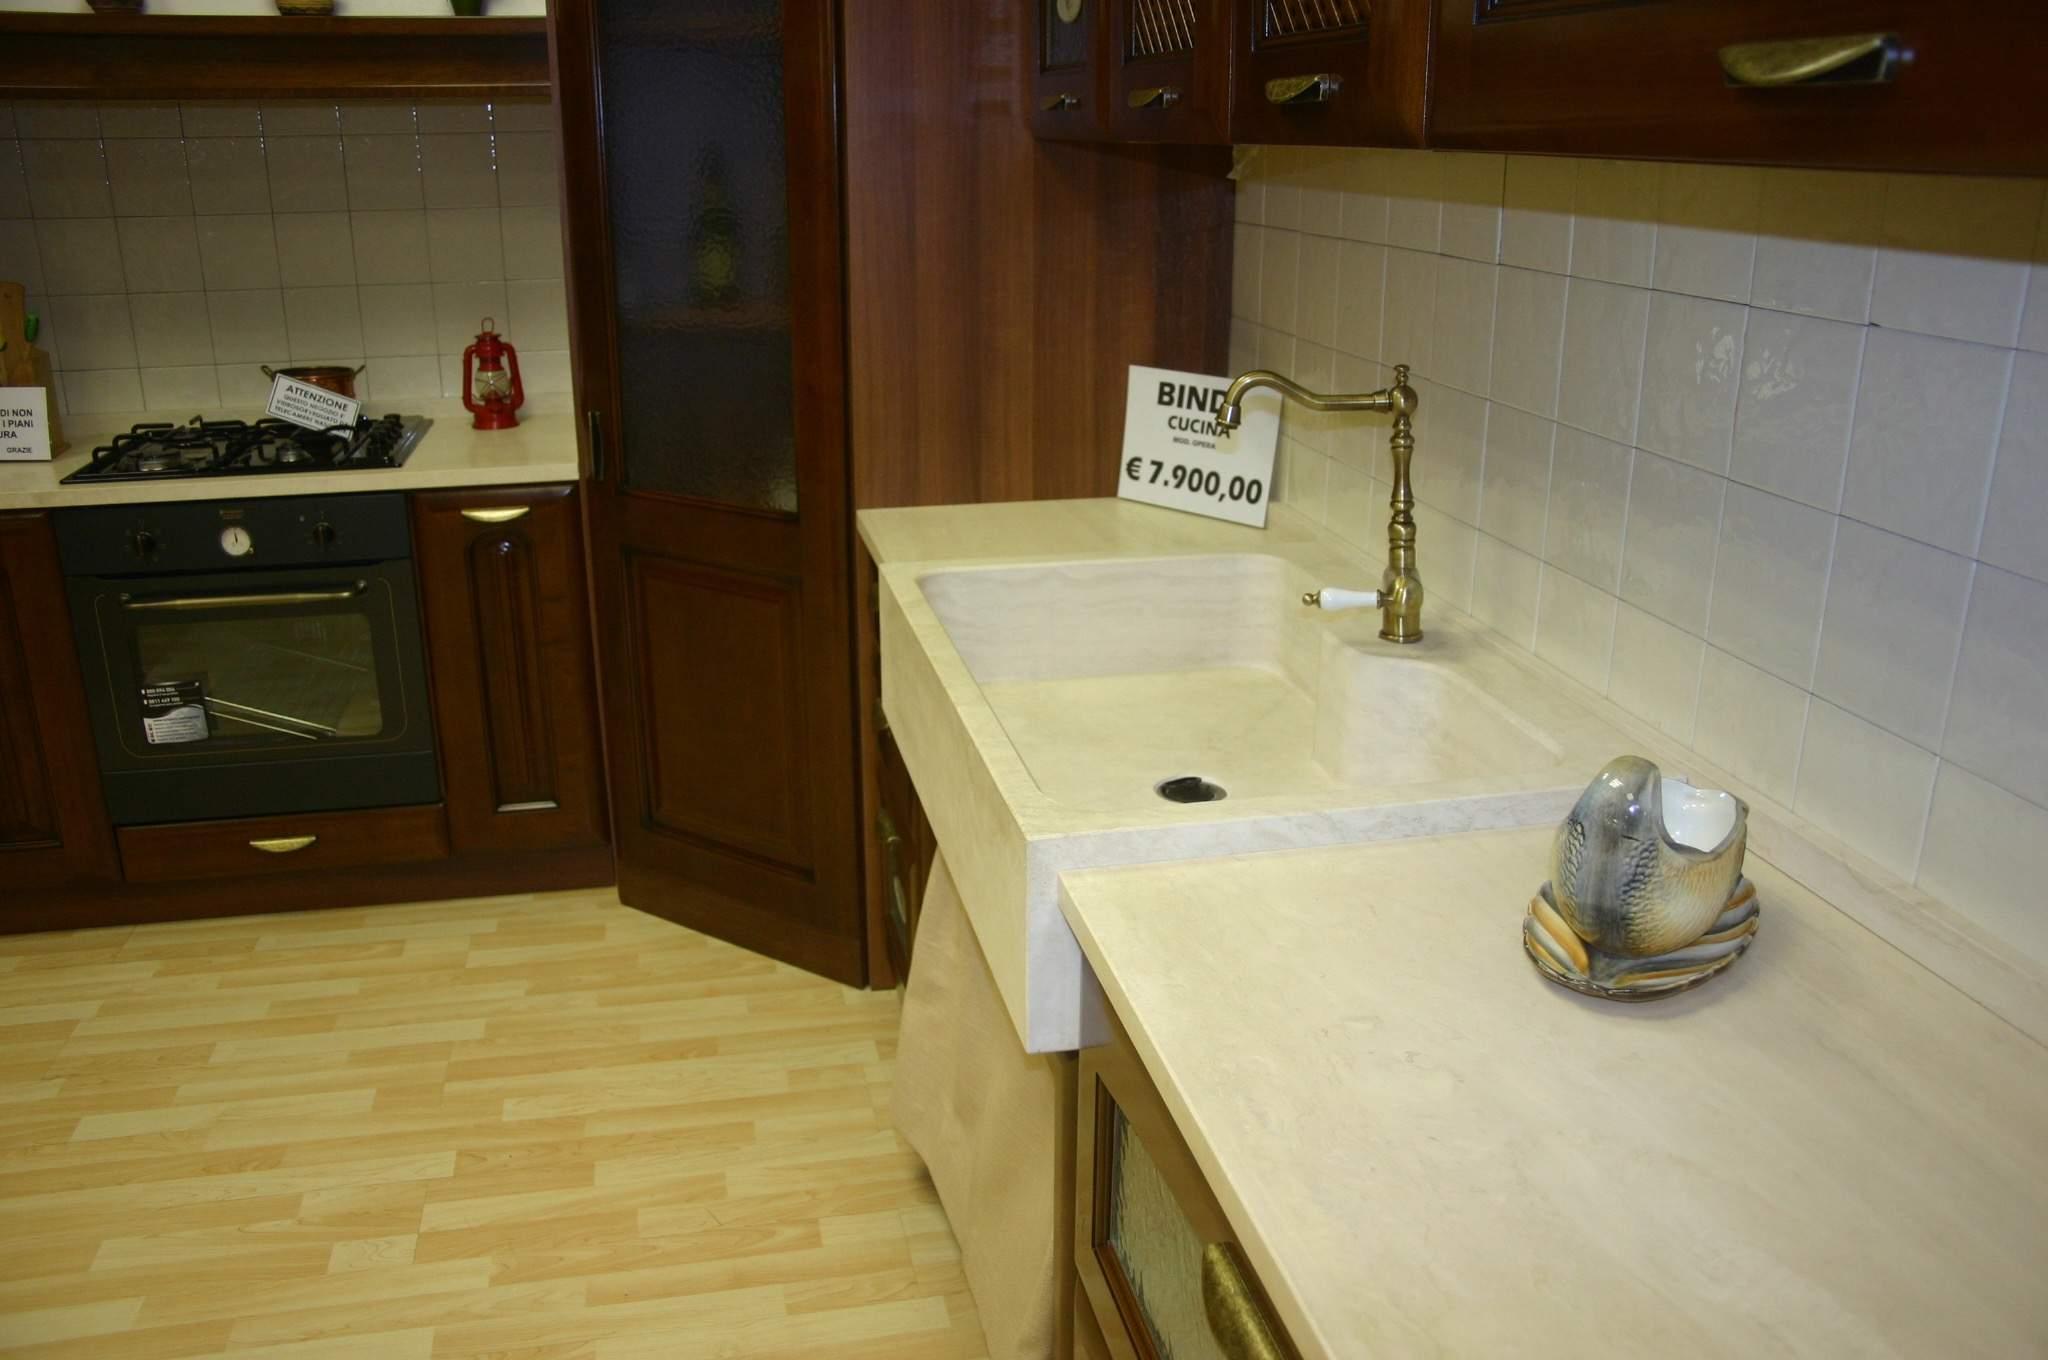 Cucina bindi opera piacentini arredamenti for Ravelli arredamenti opera